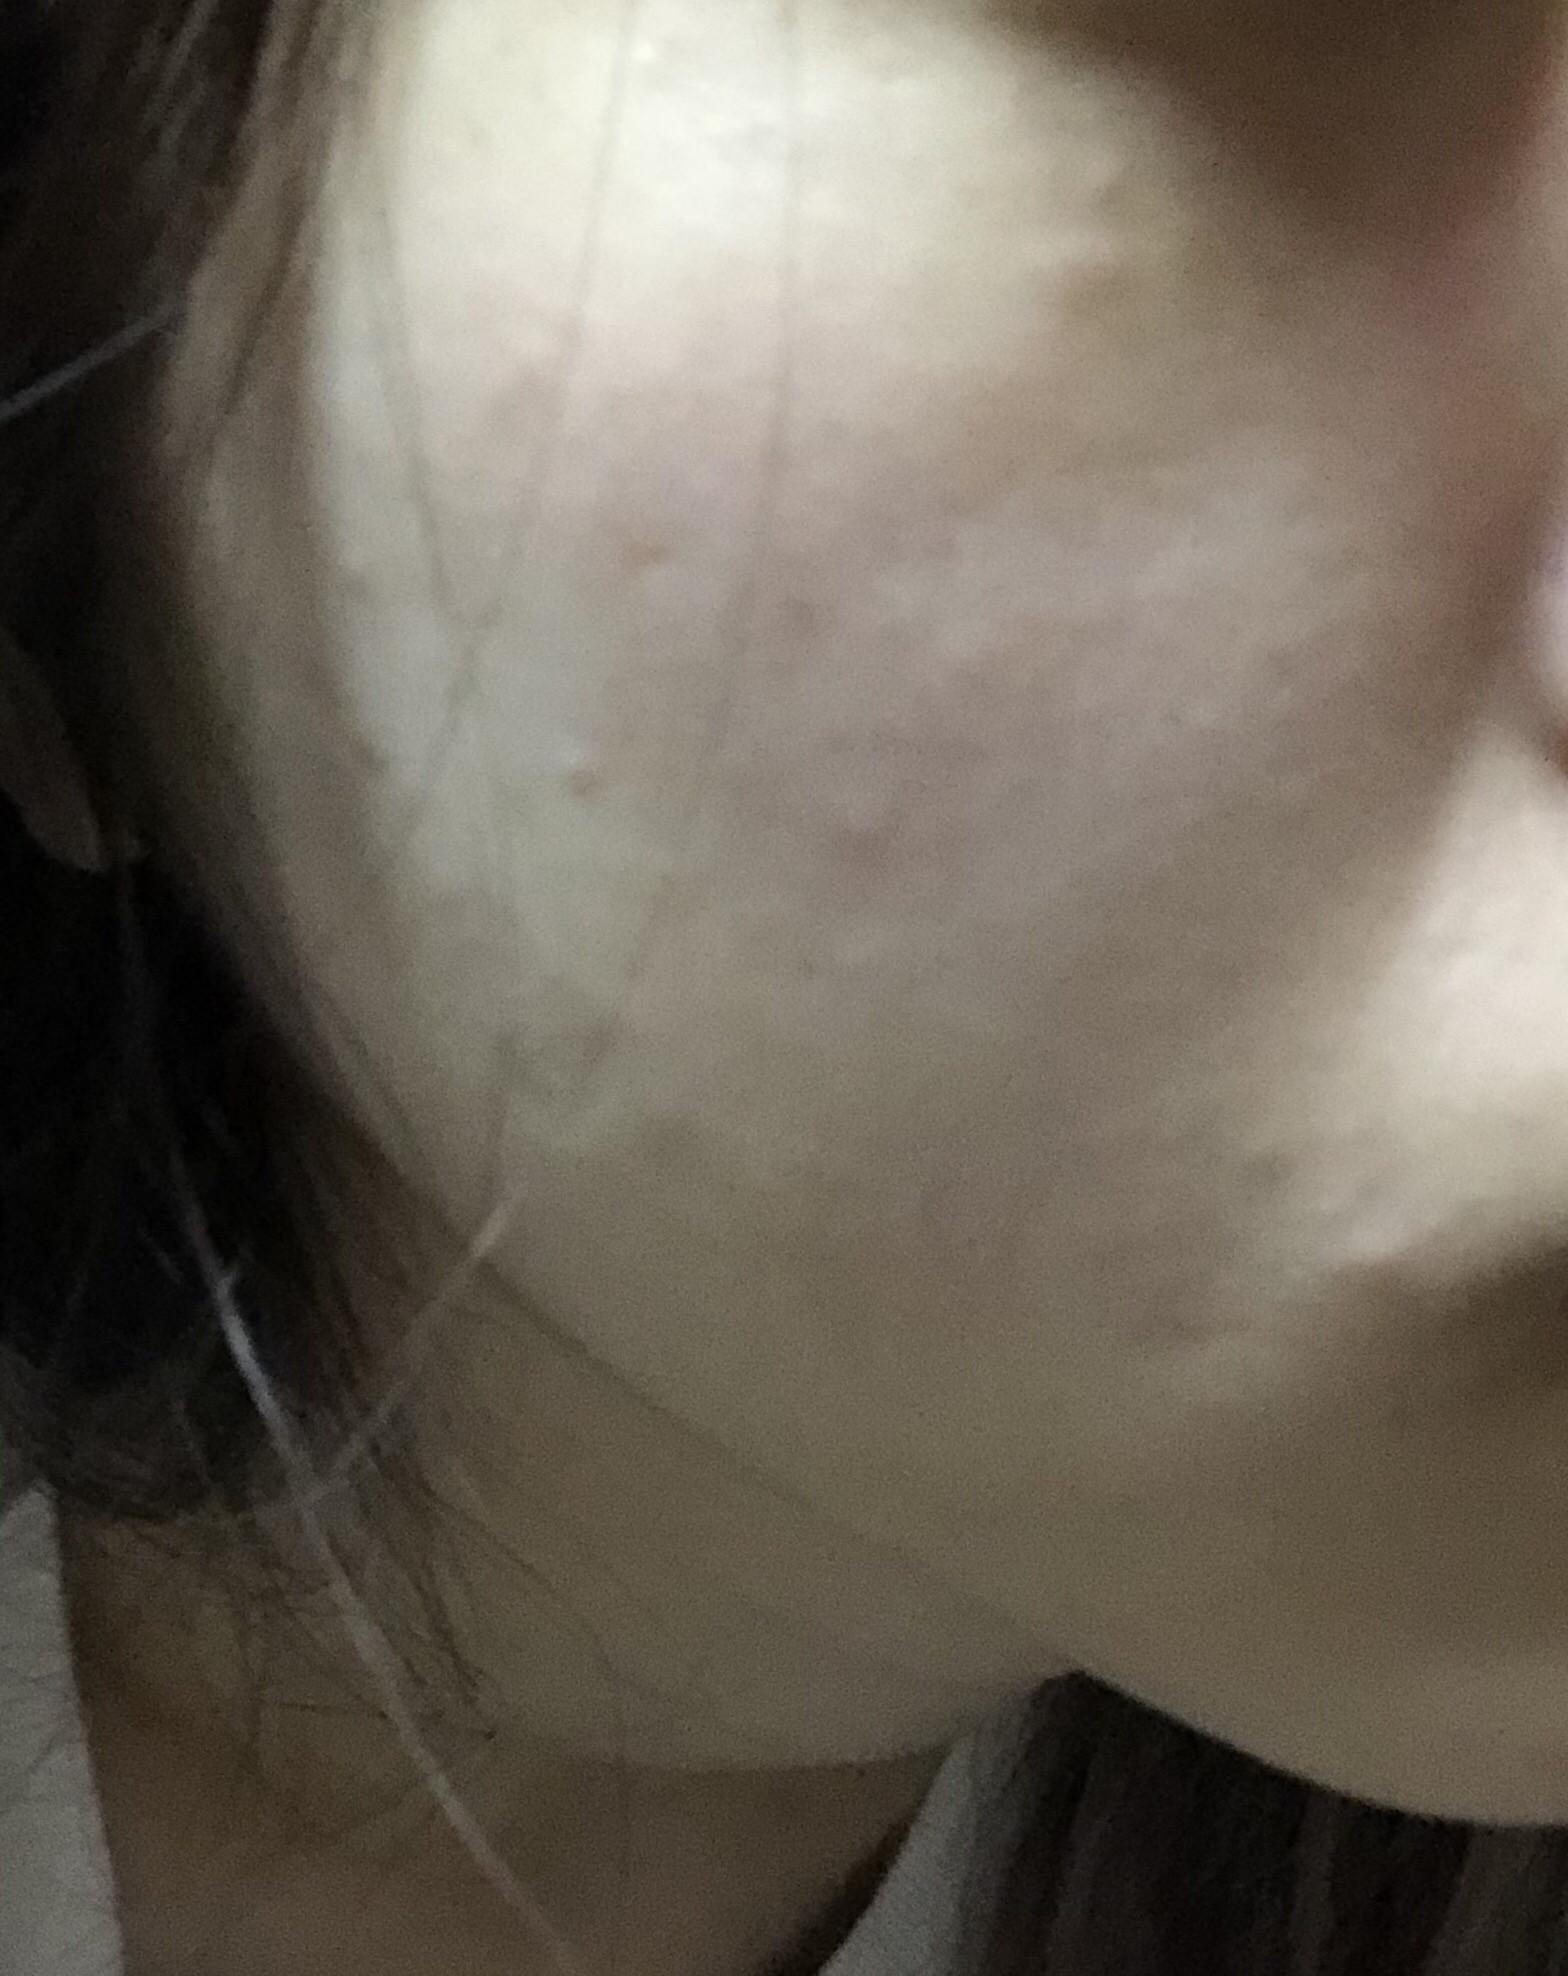 【画像】女だけど肌の綺麗度評価してくれwwwwwwwwww